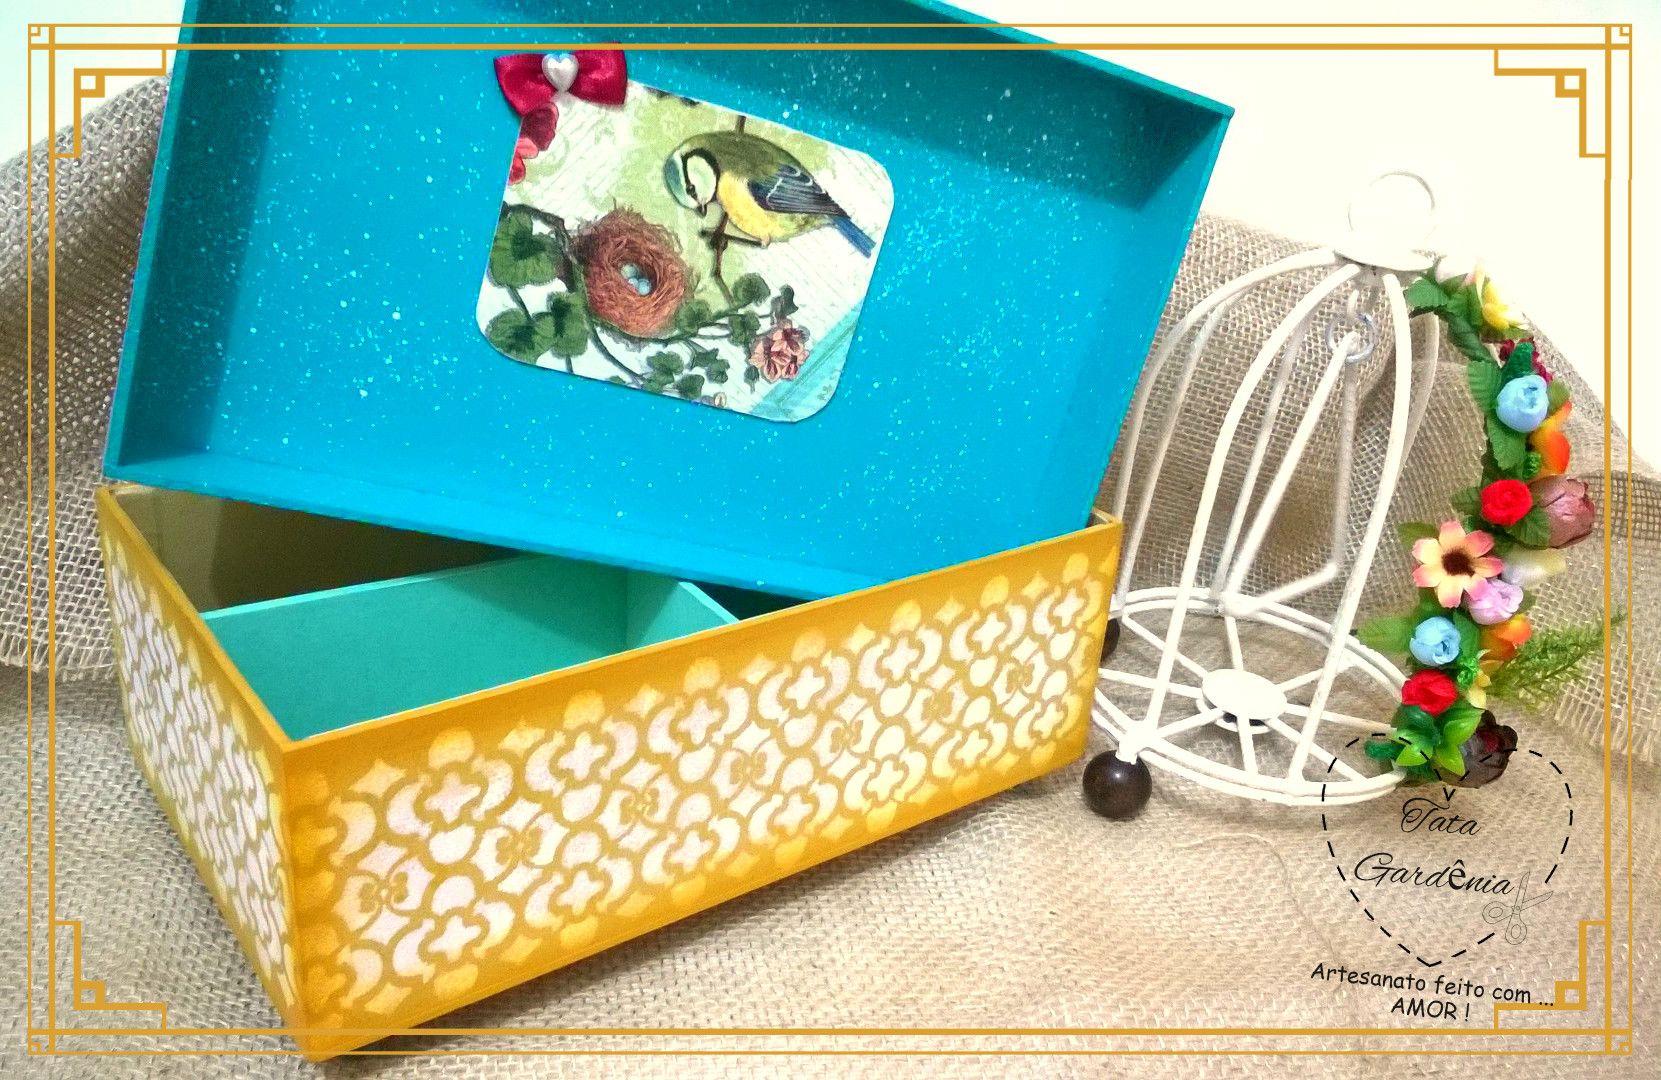 Caixa decorada em mdf com tecnicas de guardanapo, stencil e forrada com papel camurça, presentei com estilo. (tema de passarinho)